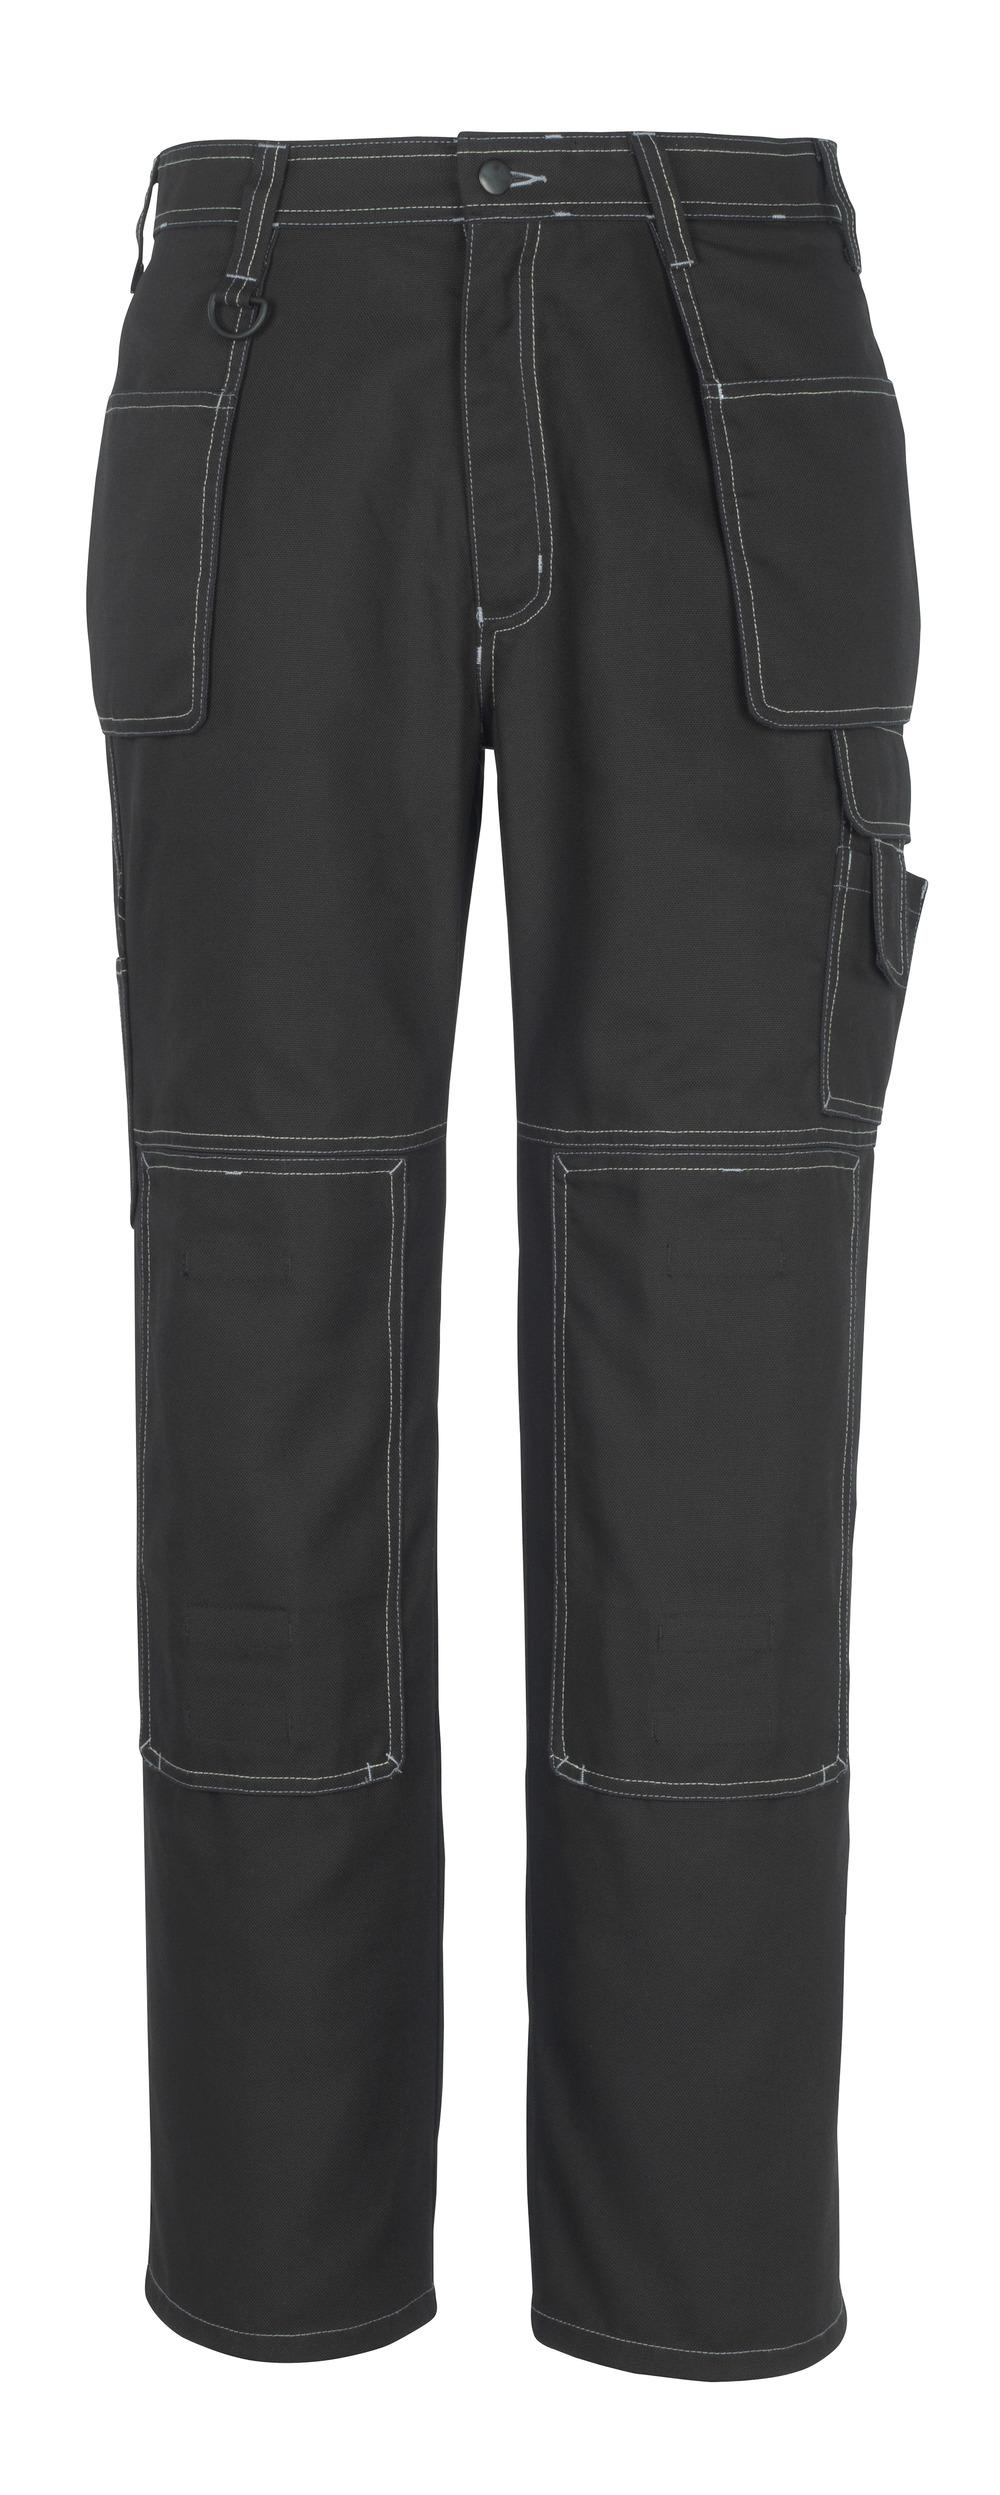 50194-884-09 Bukser med kne- og hengelommer - svart